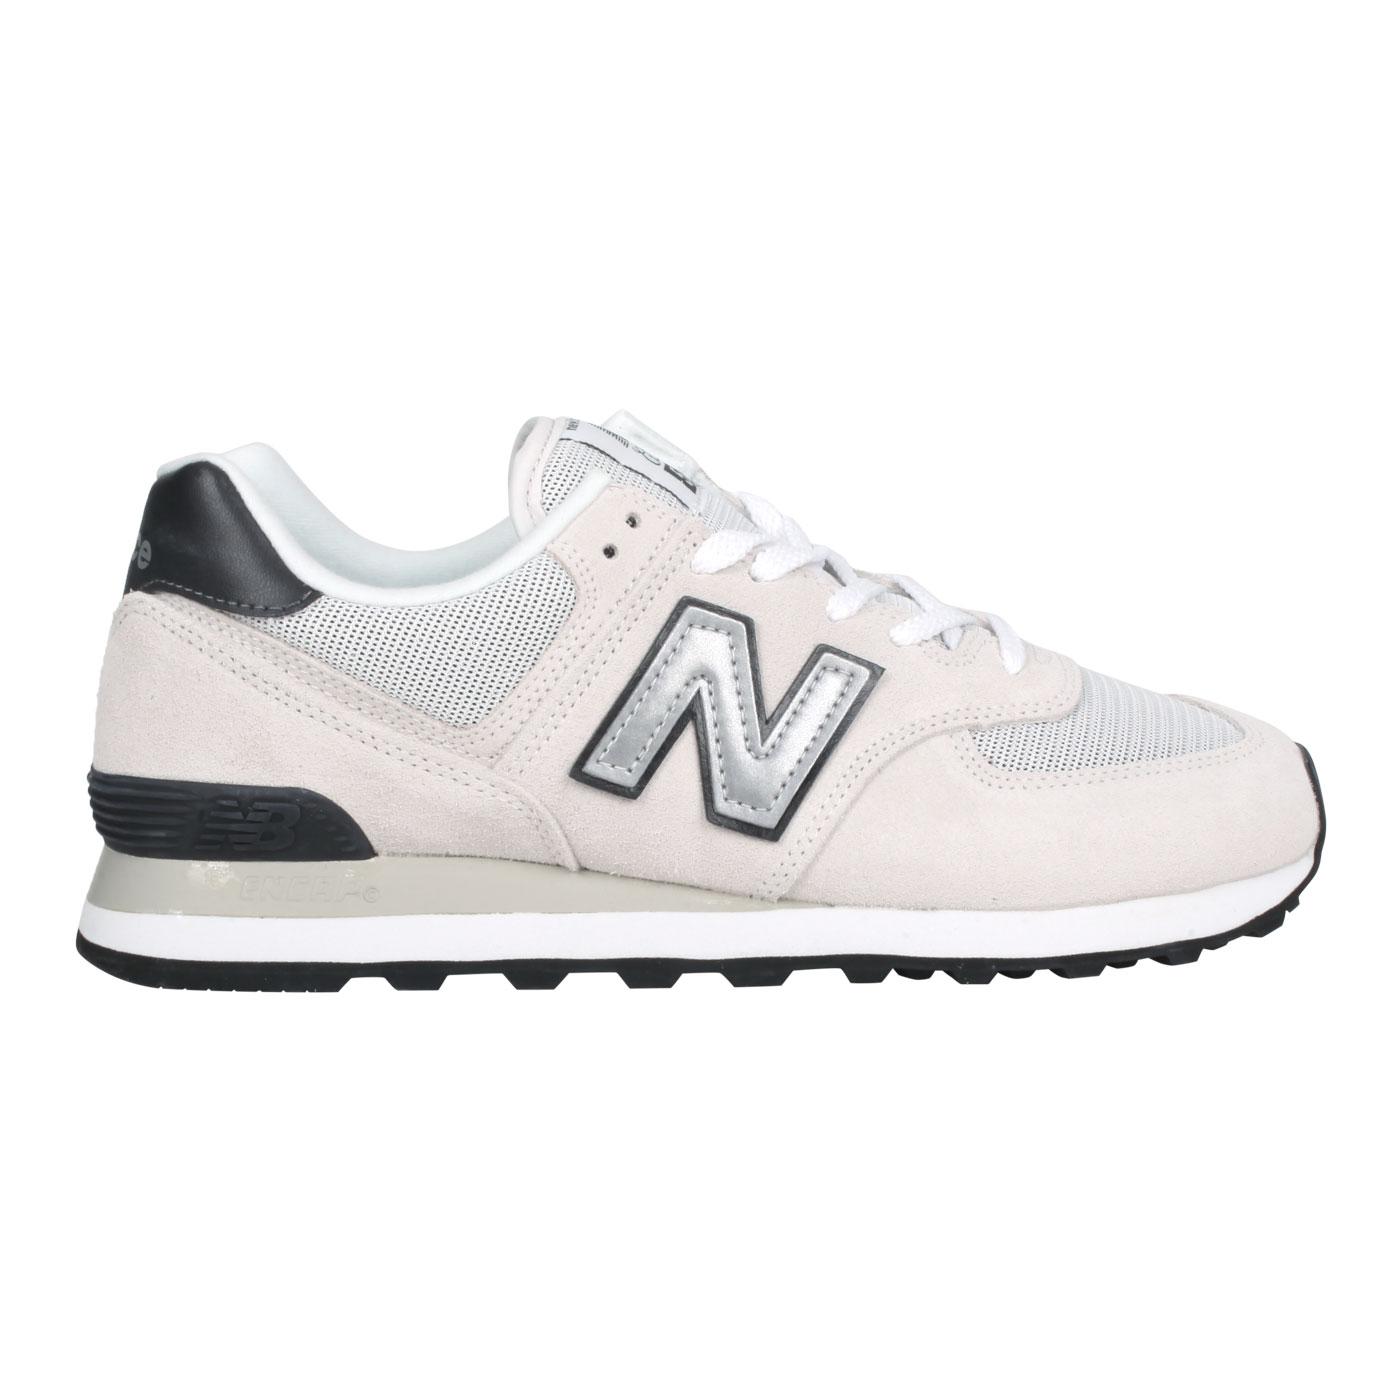 NEW BALANCE 男款運動休閒鞋 ML574BH2